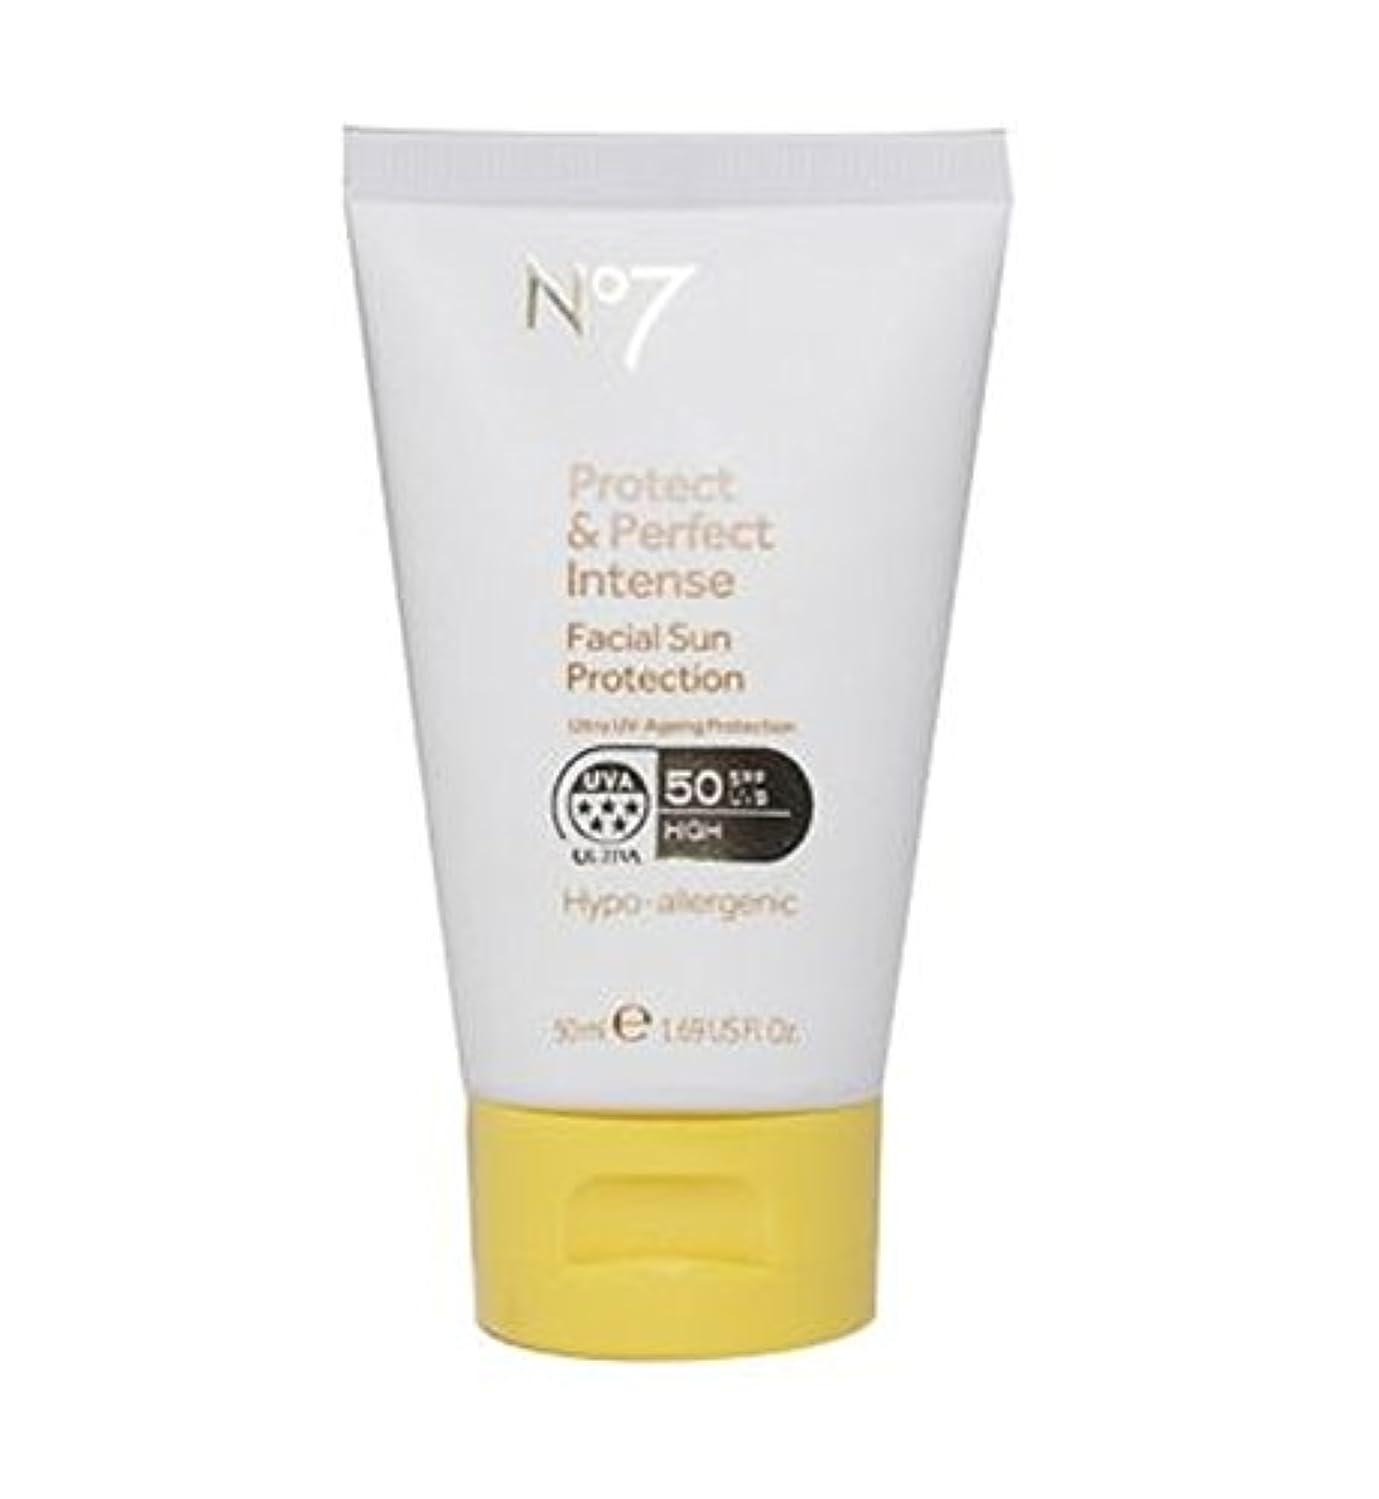 つかの間キャンセル会話型No7保護&完璧な強烈な顔の日焼け防止Spf 50 50ミリリットル (No7) (x2) - No7 Protect & Perfect Intense Facial Sun Protection SPF 50 50ml...